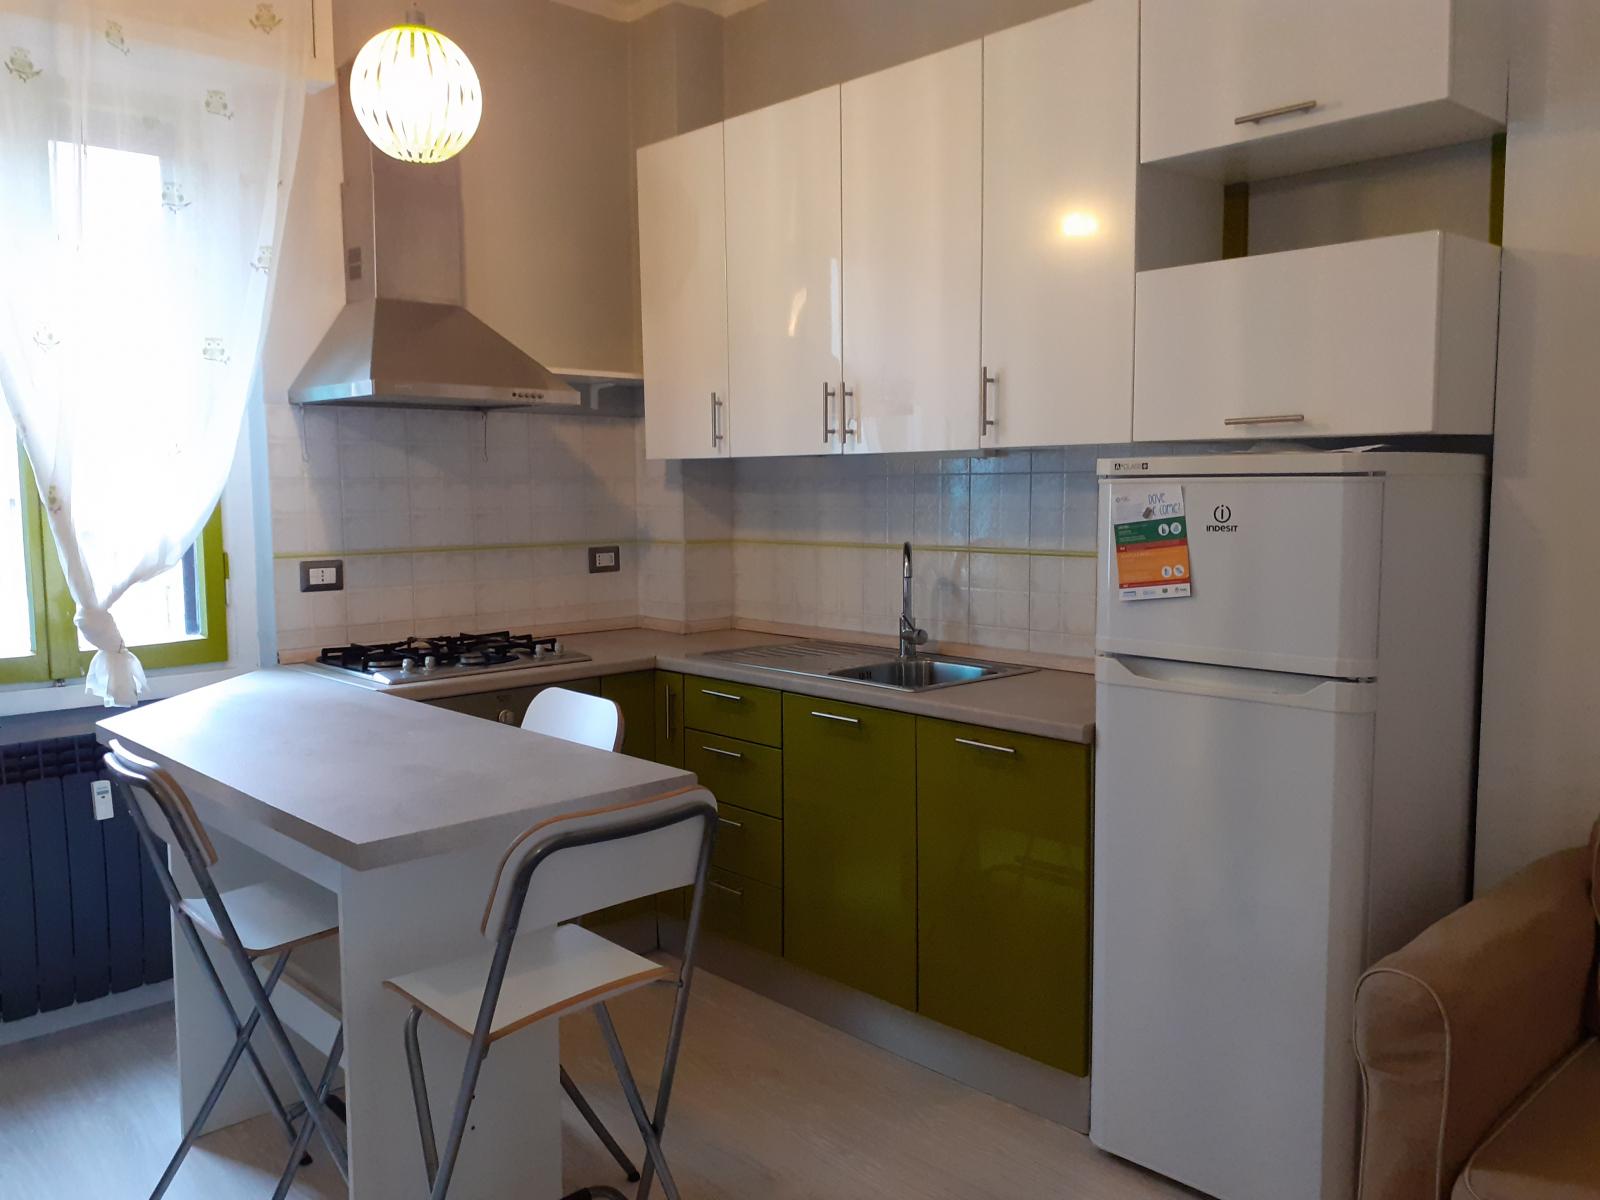 appartamento-in-vendita-milano-baggio-2-locali-open-space-spaziourbano-immobiliare-vende-6